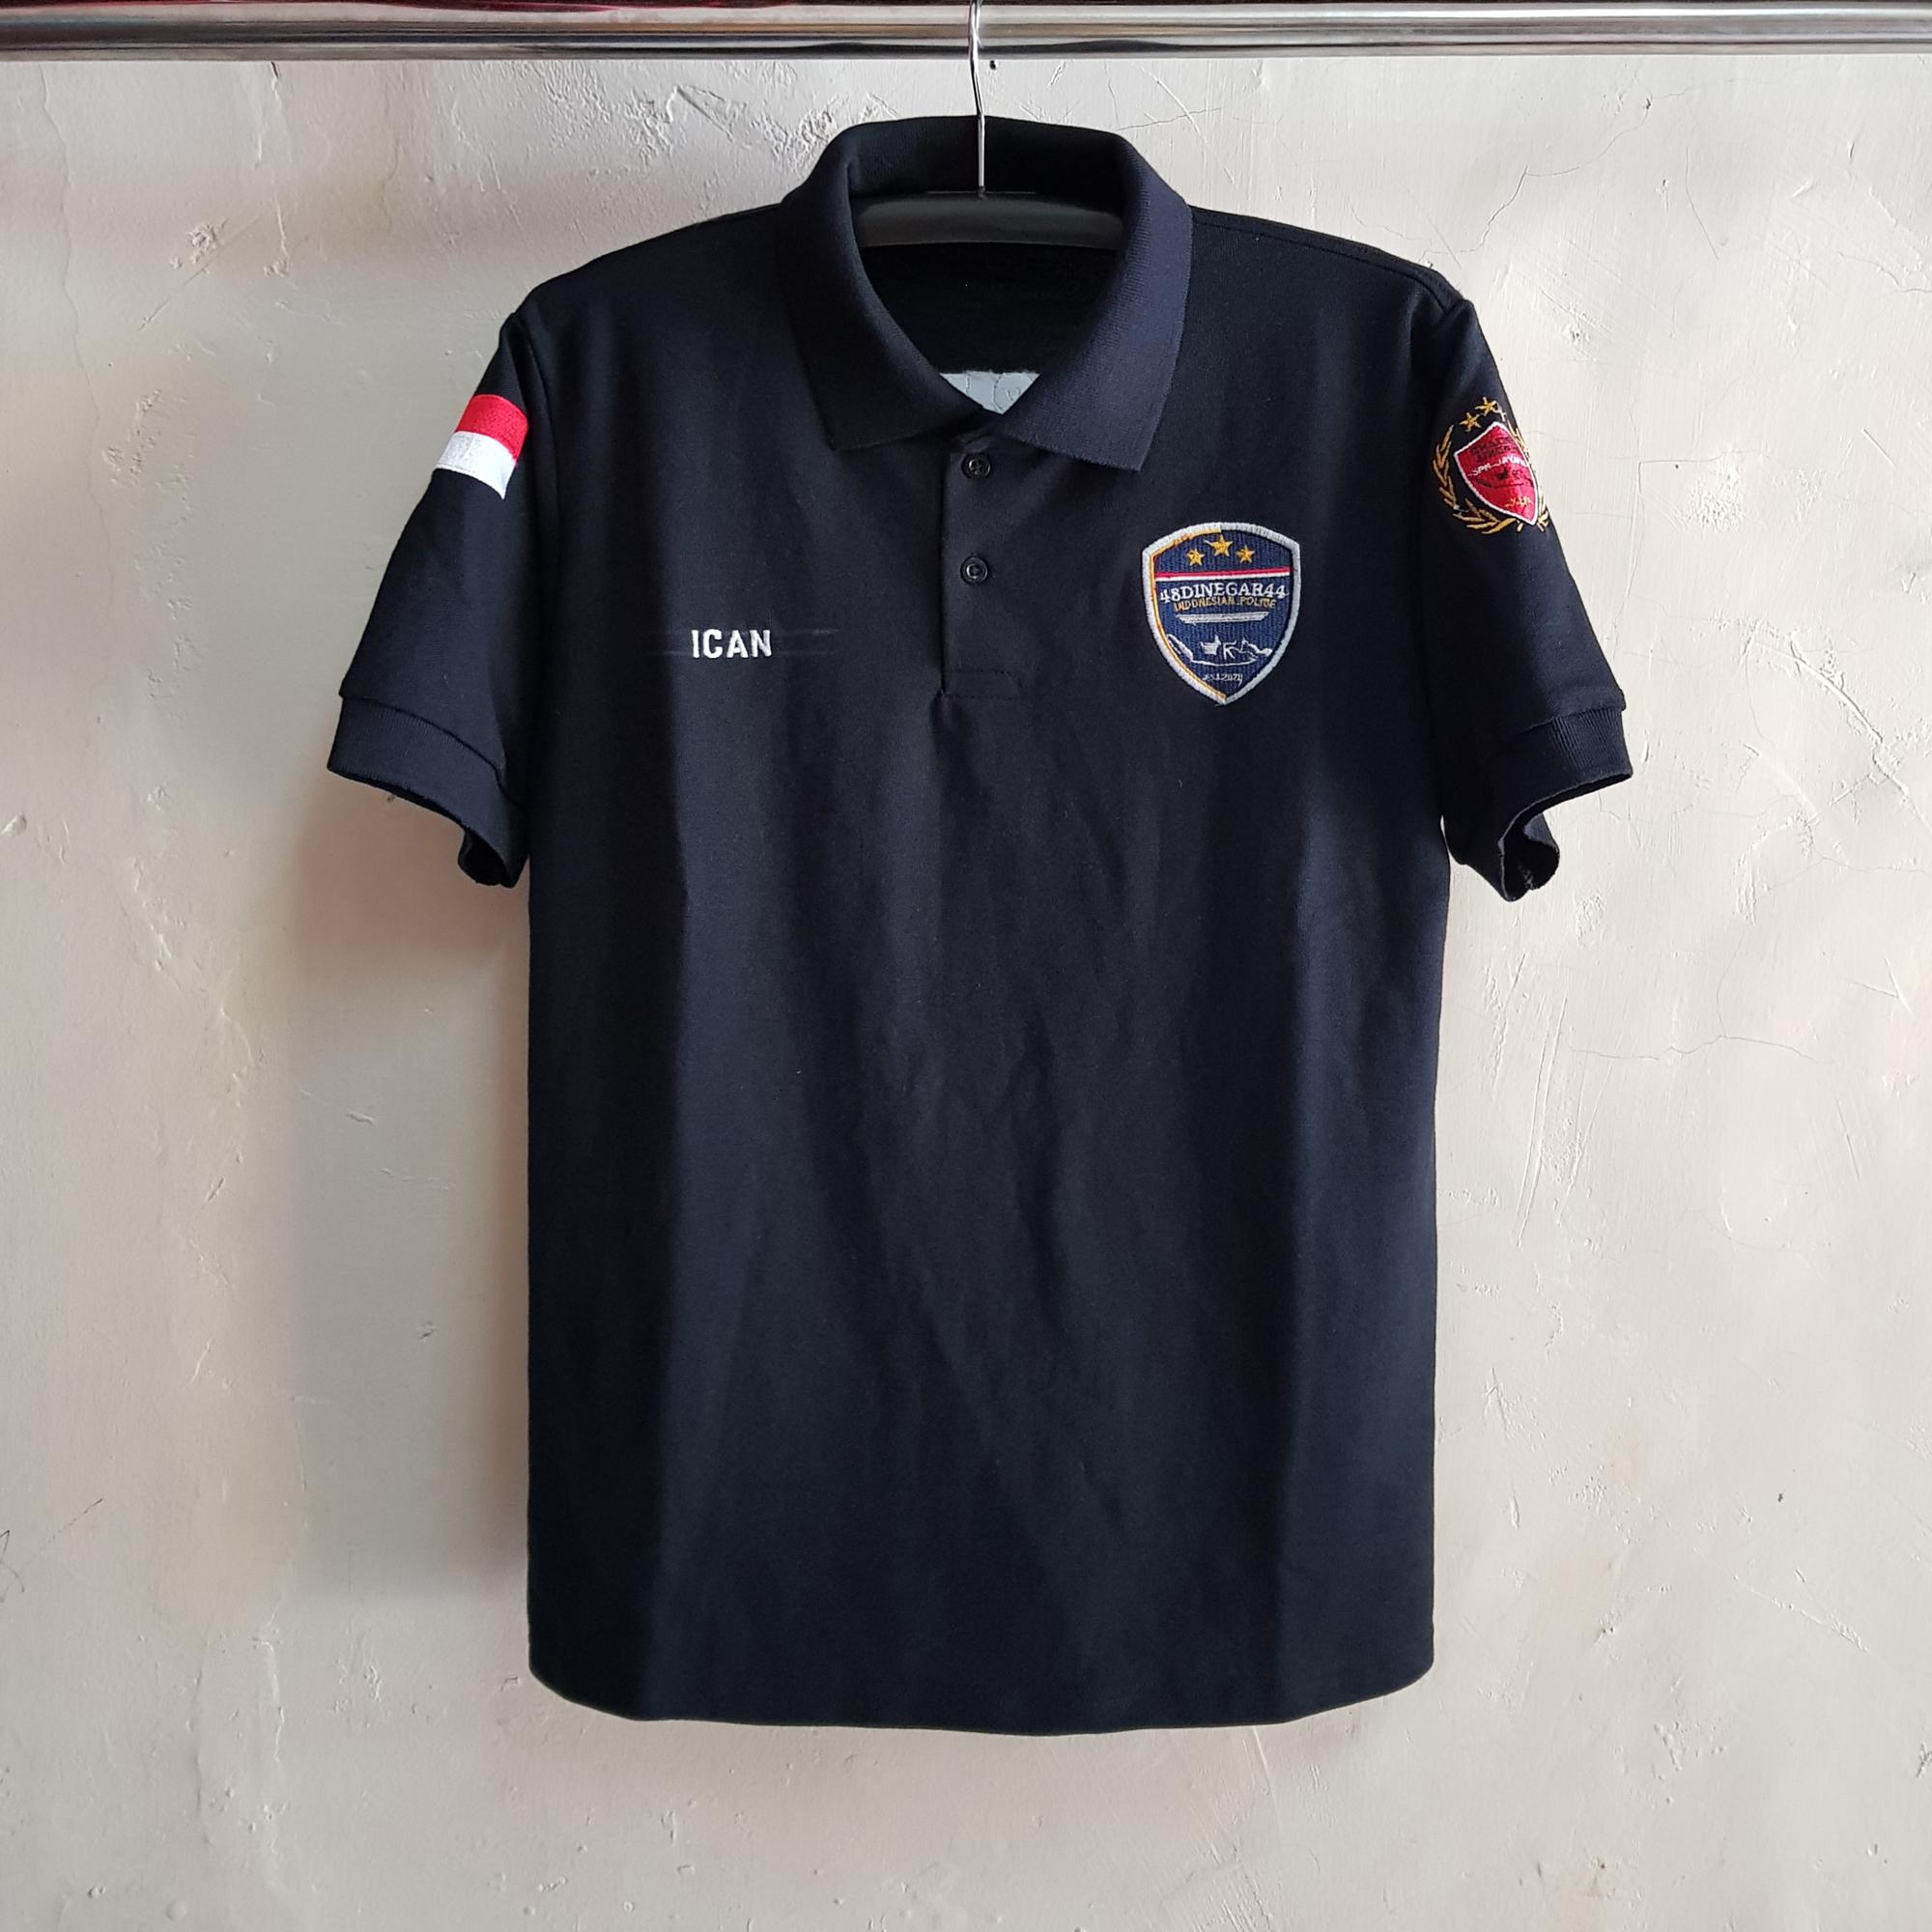 Seragam Poloshirt 2A1, Kaos Kerah Lacoste